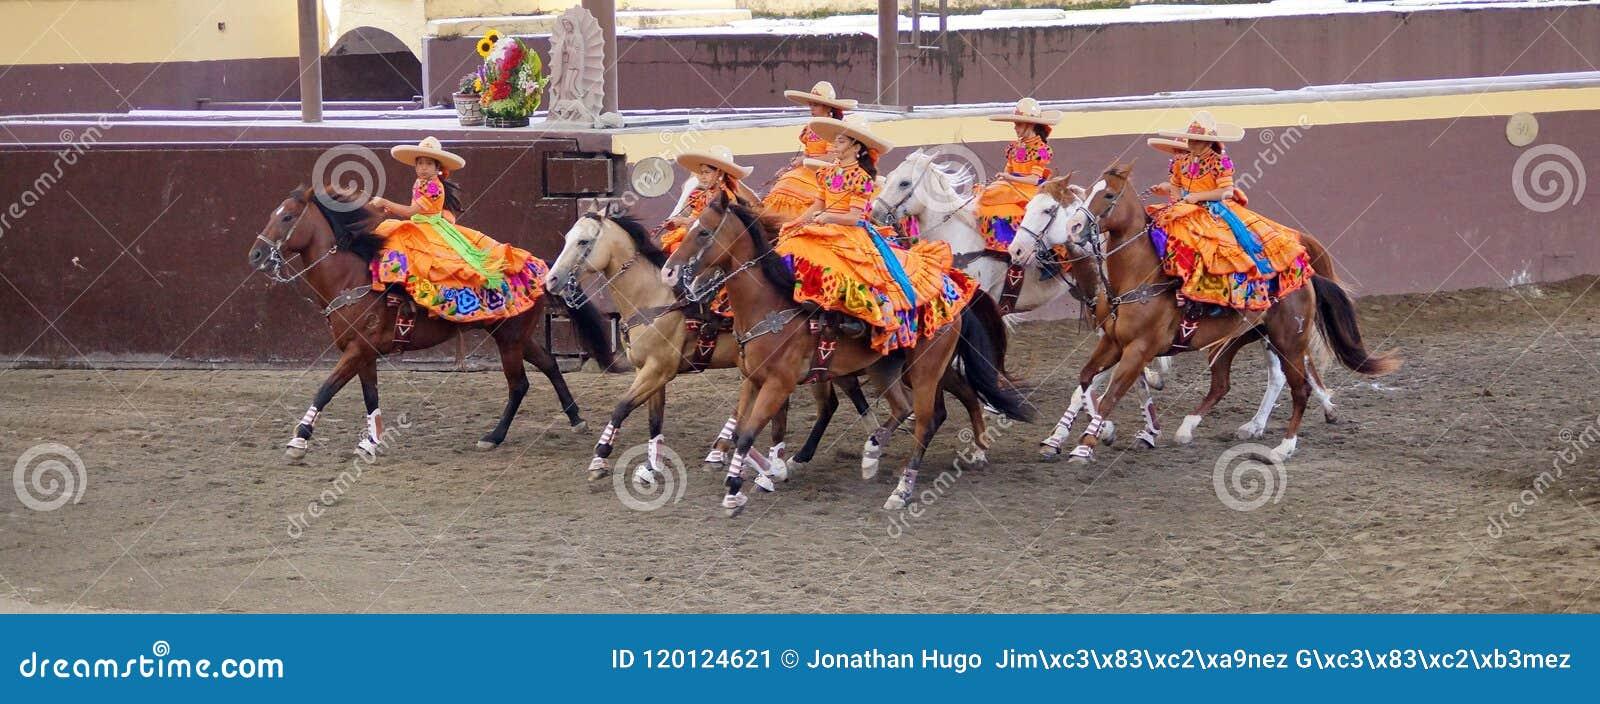 Cavaliers féminins dans des robes oranges